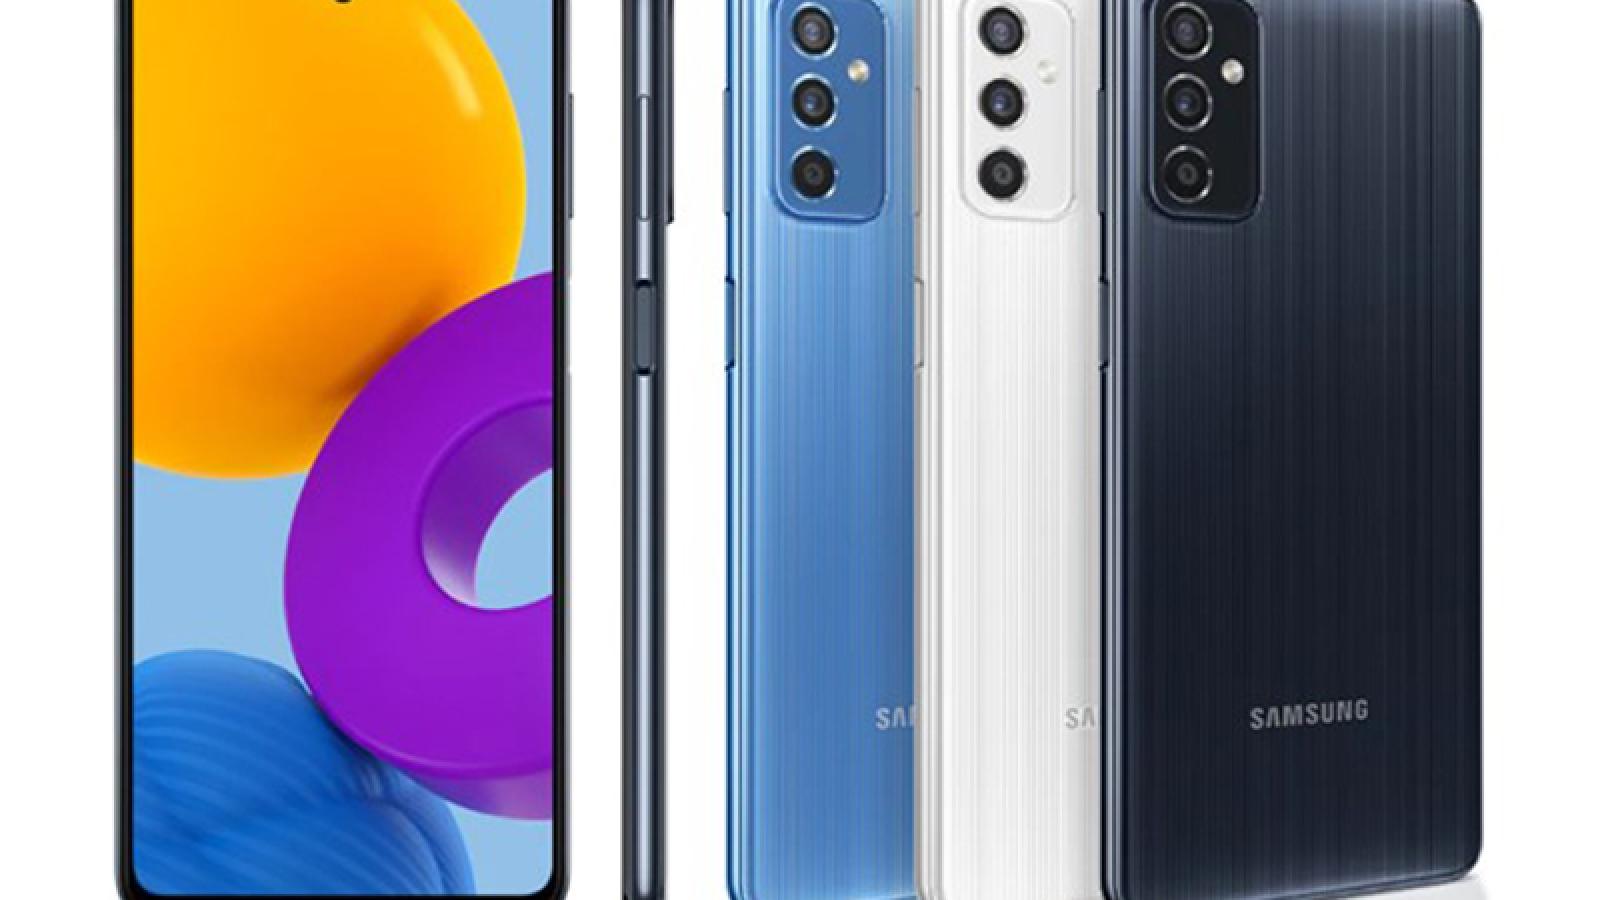 Galaxy M52 5G ra mắt với màn hình siêu mượt, giá 9,22 triệu đồng